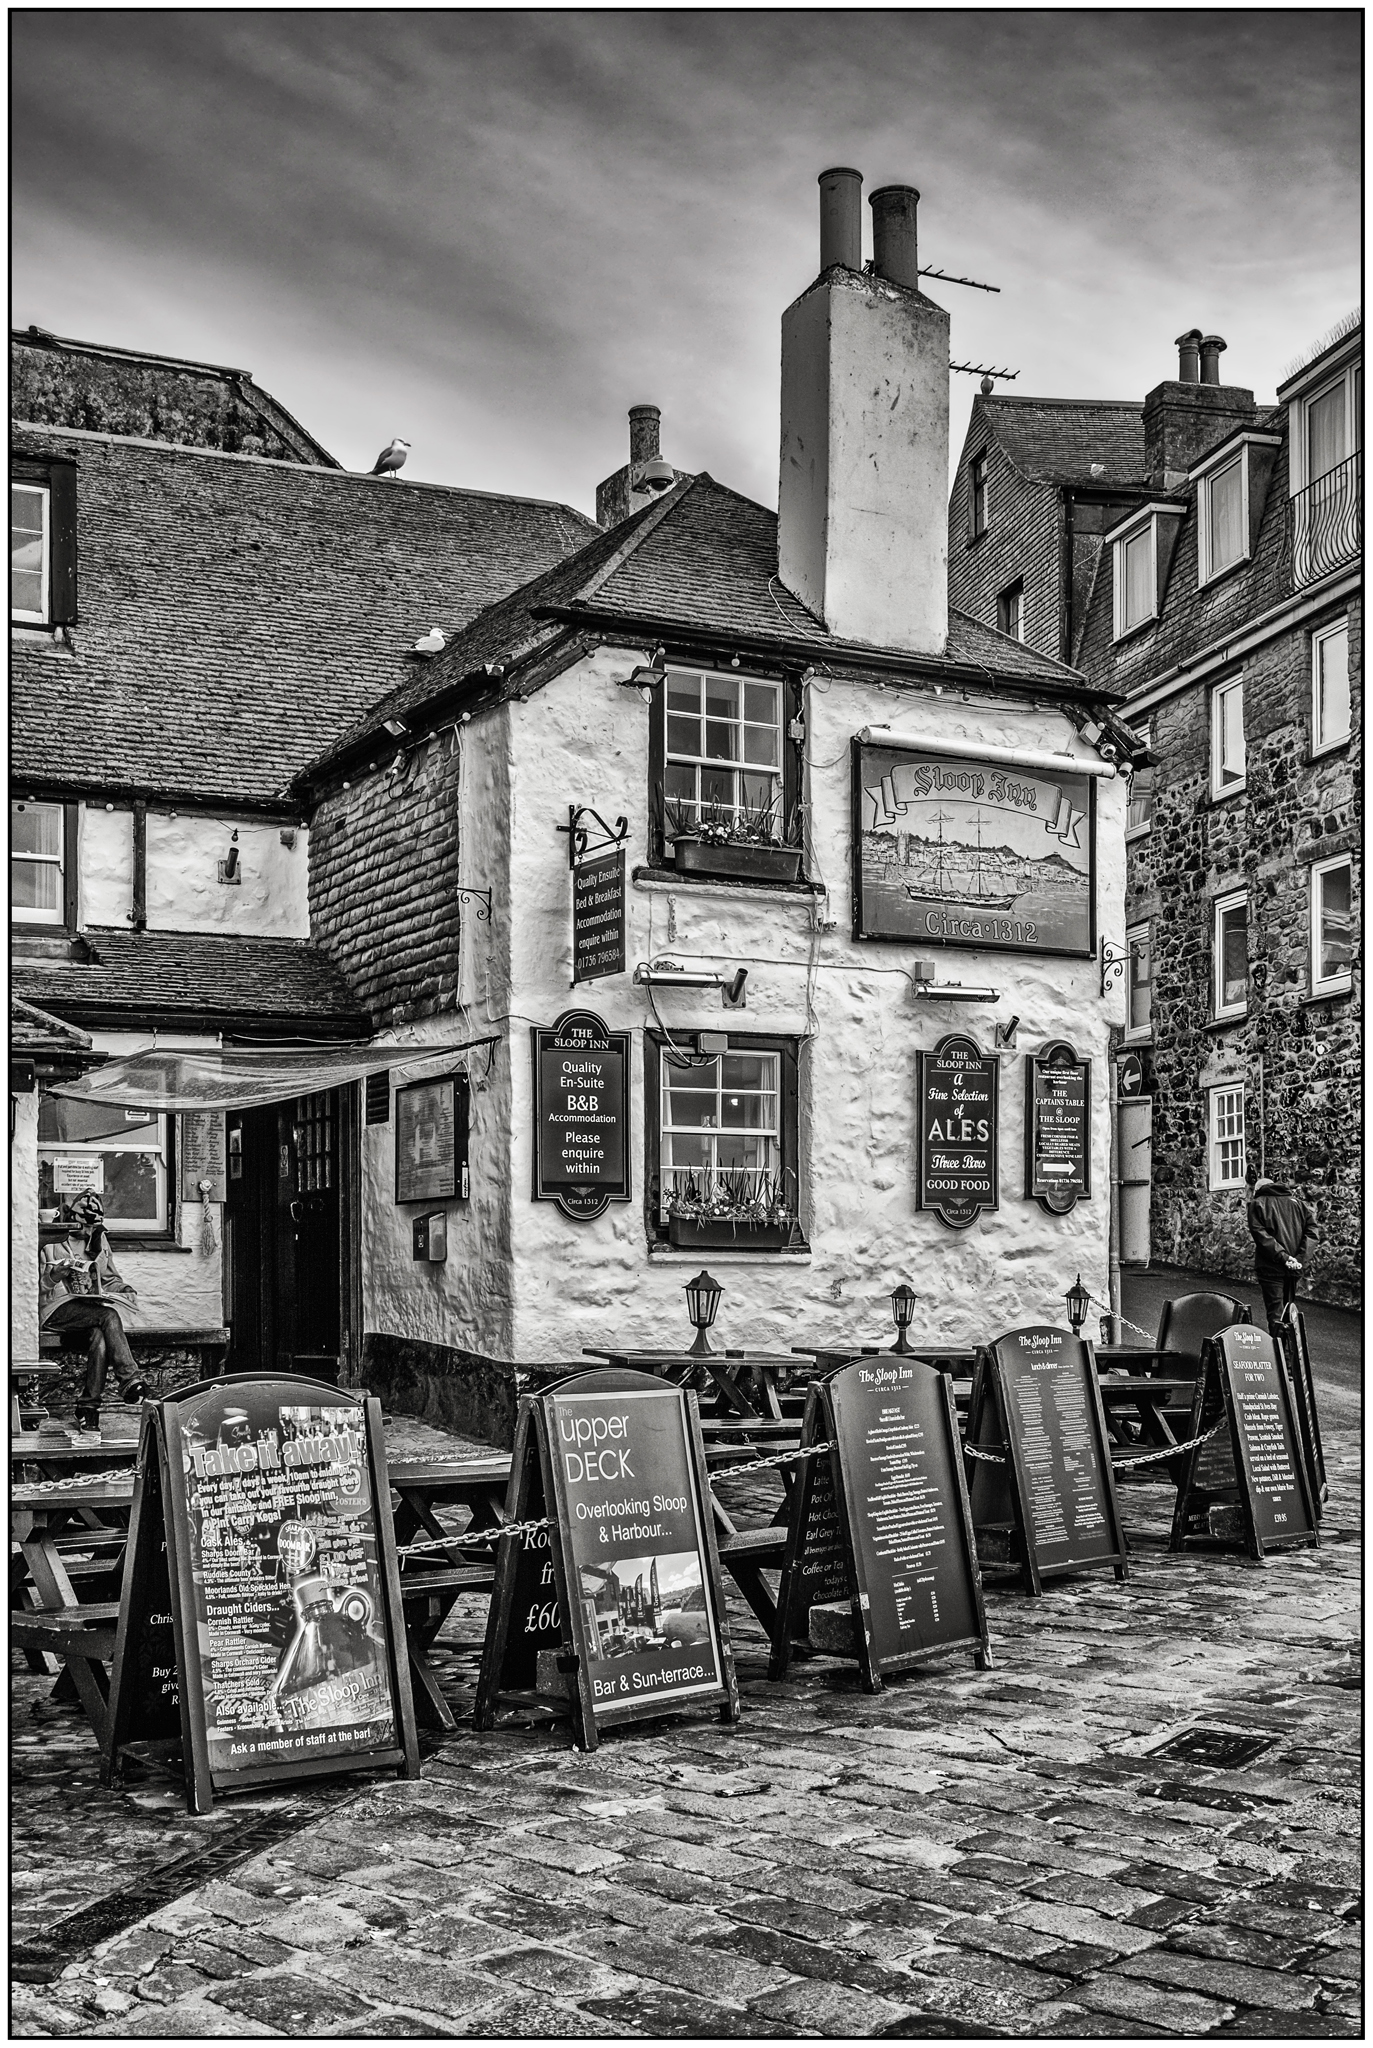 Sloop Inn, St Ives, Cornwall